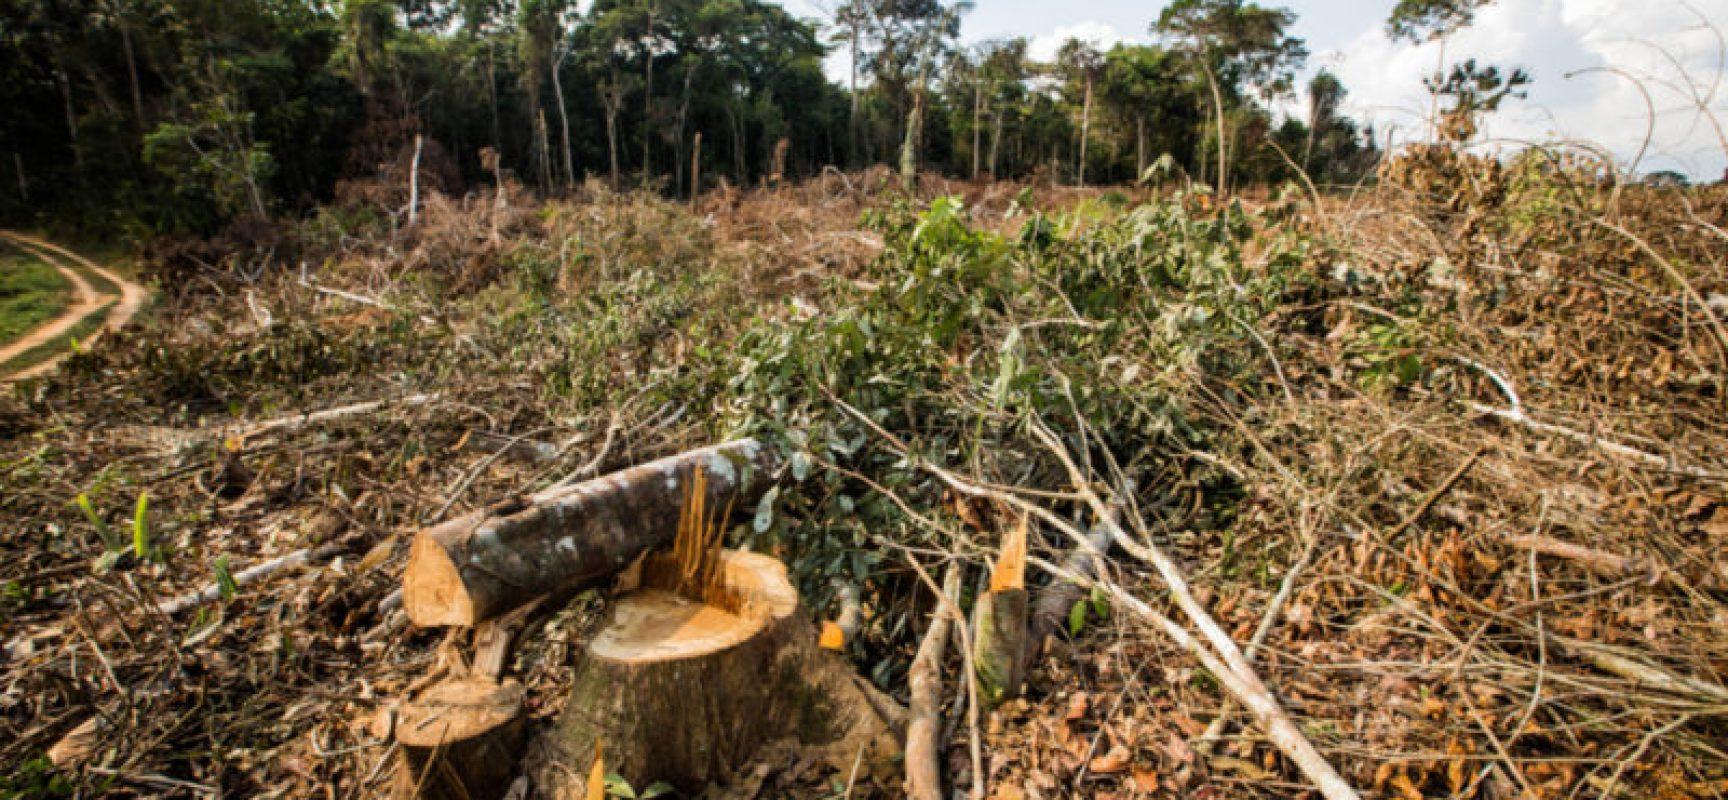 Ministro do Meio Ambiente busca US$1 bilhão em ajuda externa para conter desmatamento na Amazônia